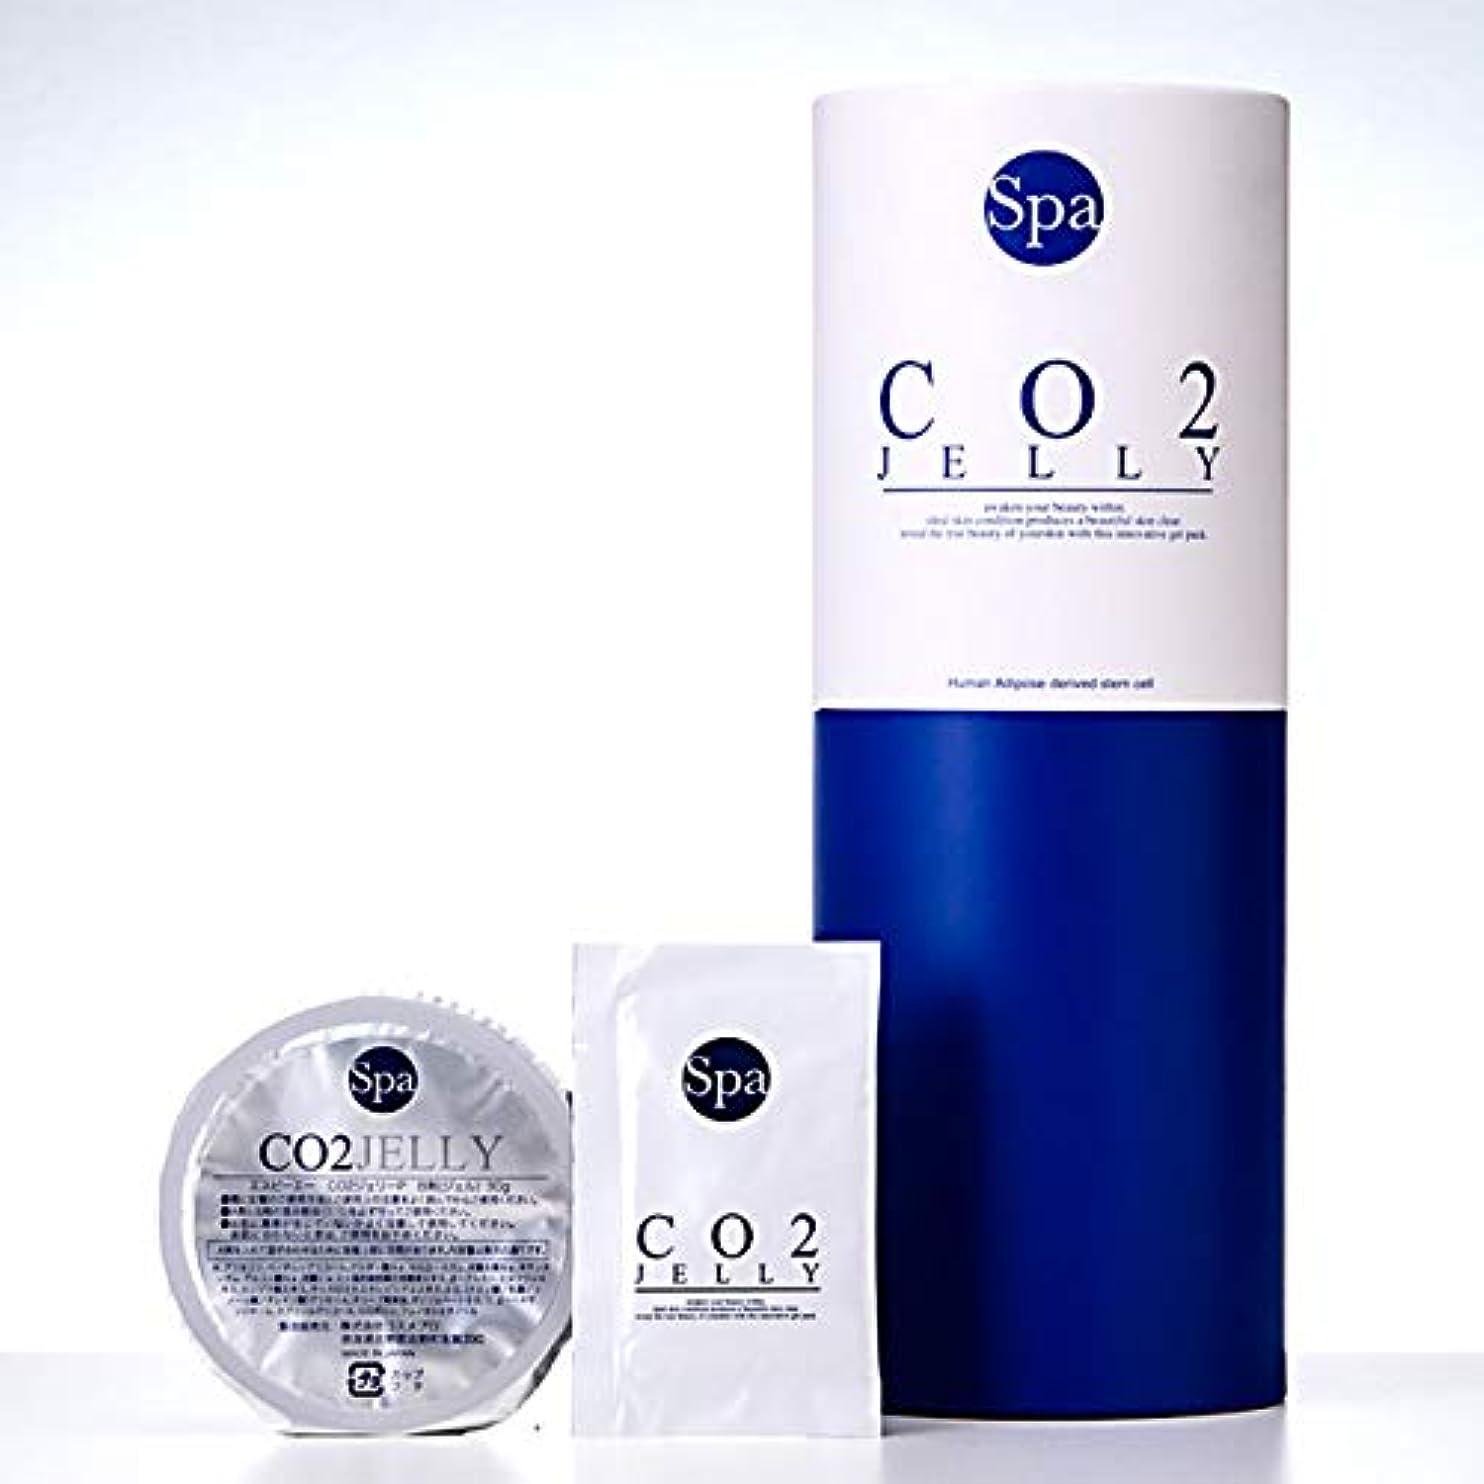 ヒロイック悪質な増幅するSpa(エスピーエー)CO2 JELLY ジェリー (5回分)日本製 炭酸パック ジェル